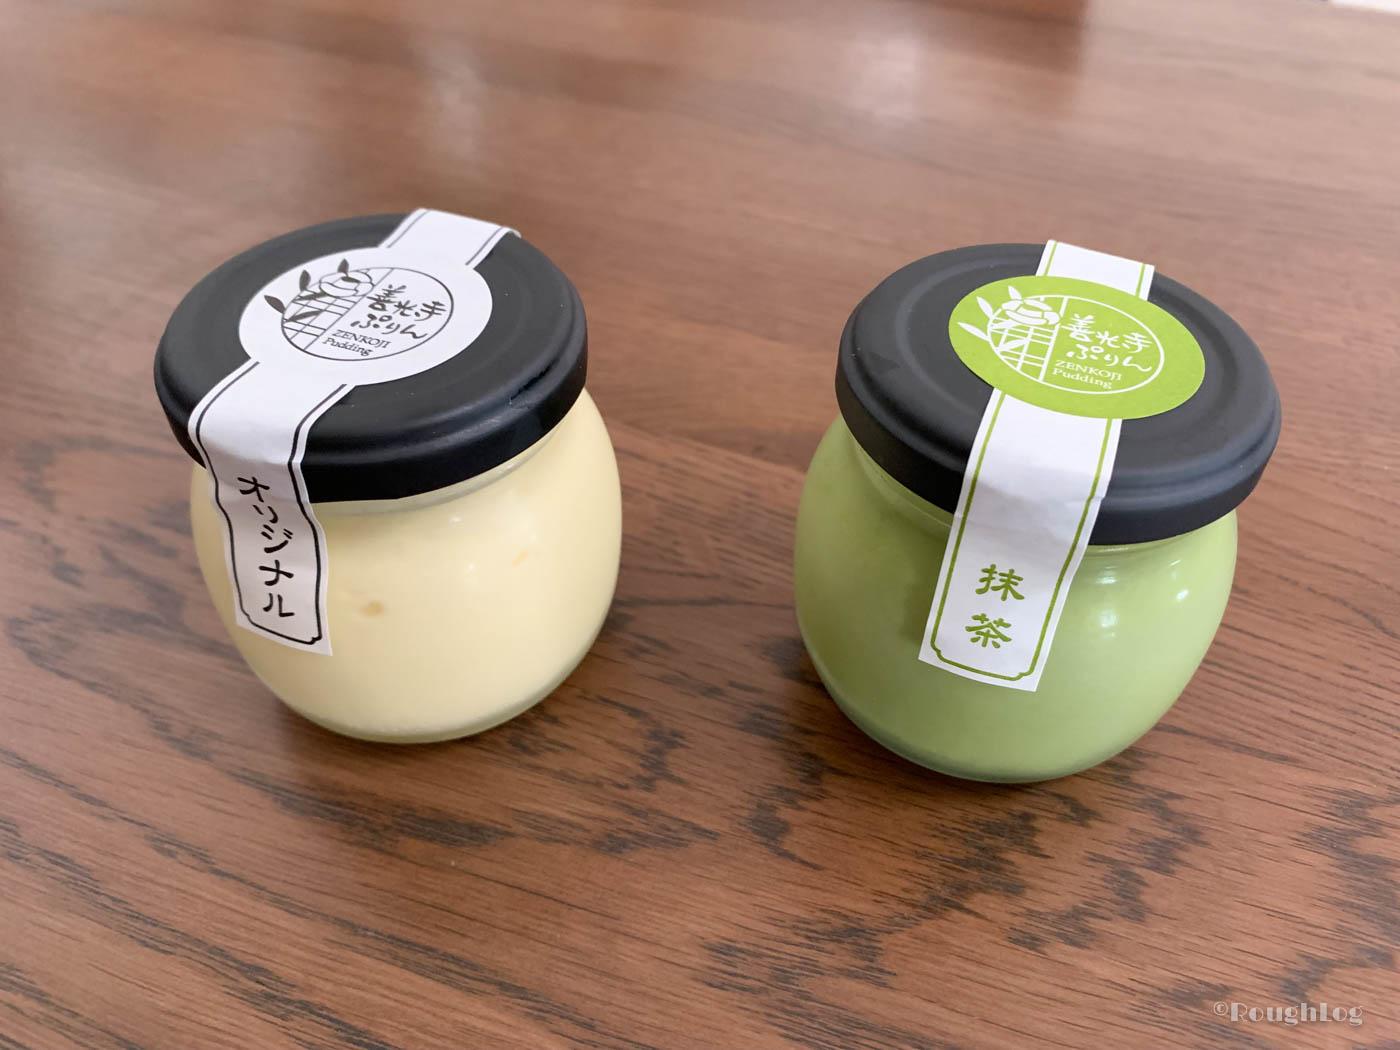 善光寺ぷりんのオリジナル味と抹茶味